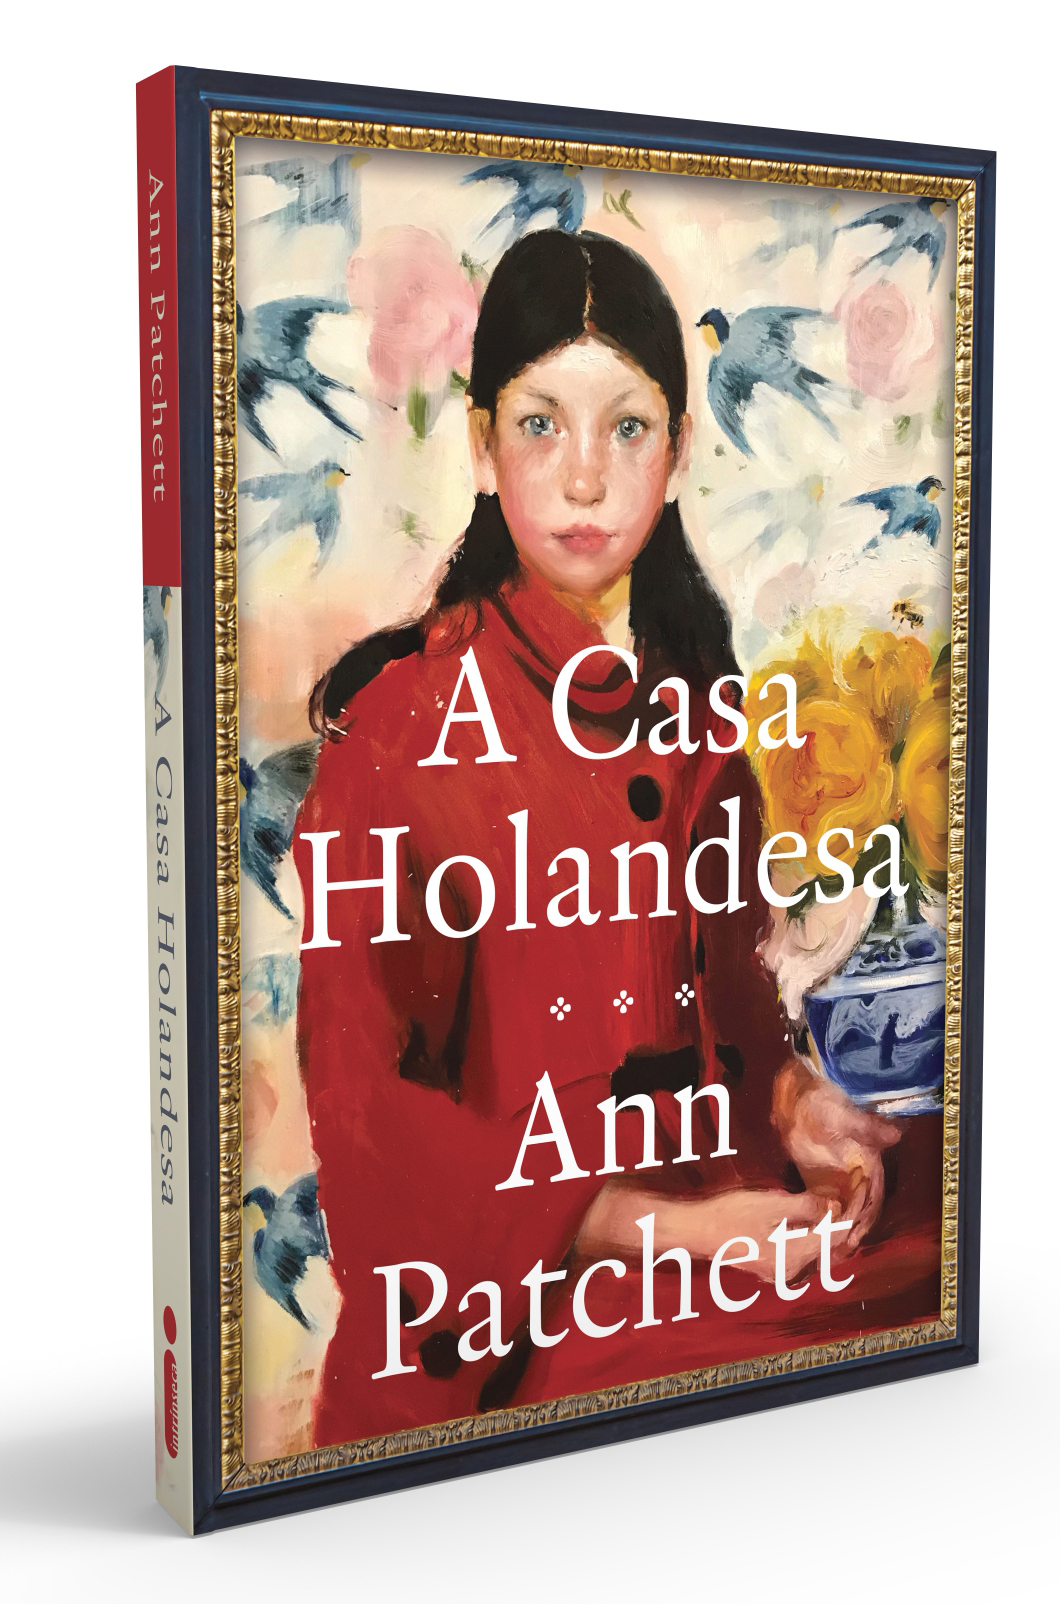 A Casa Holandesa | Livro finalista do Pulitzer 2020 chega às livrarias em agosto